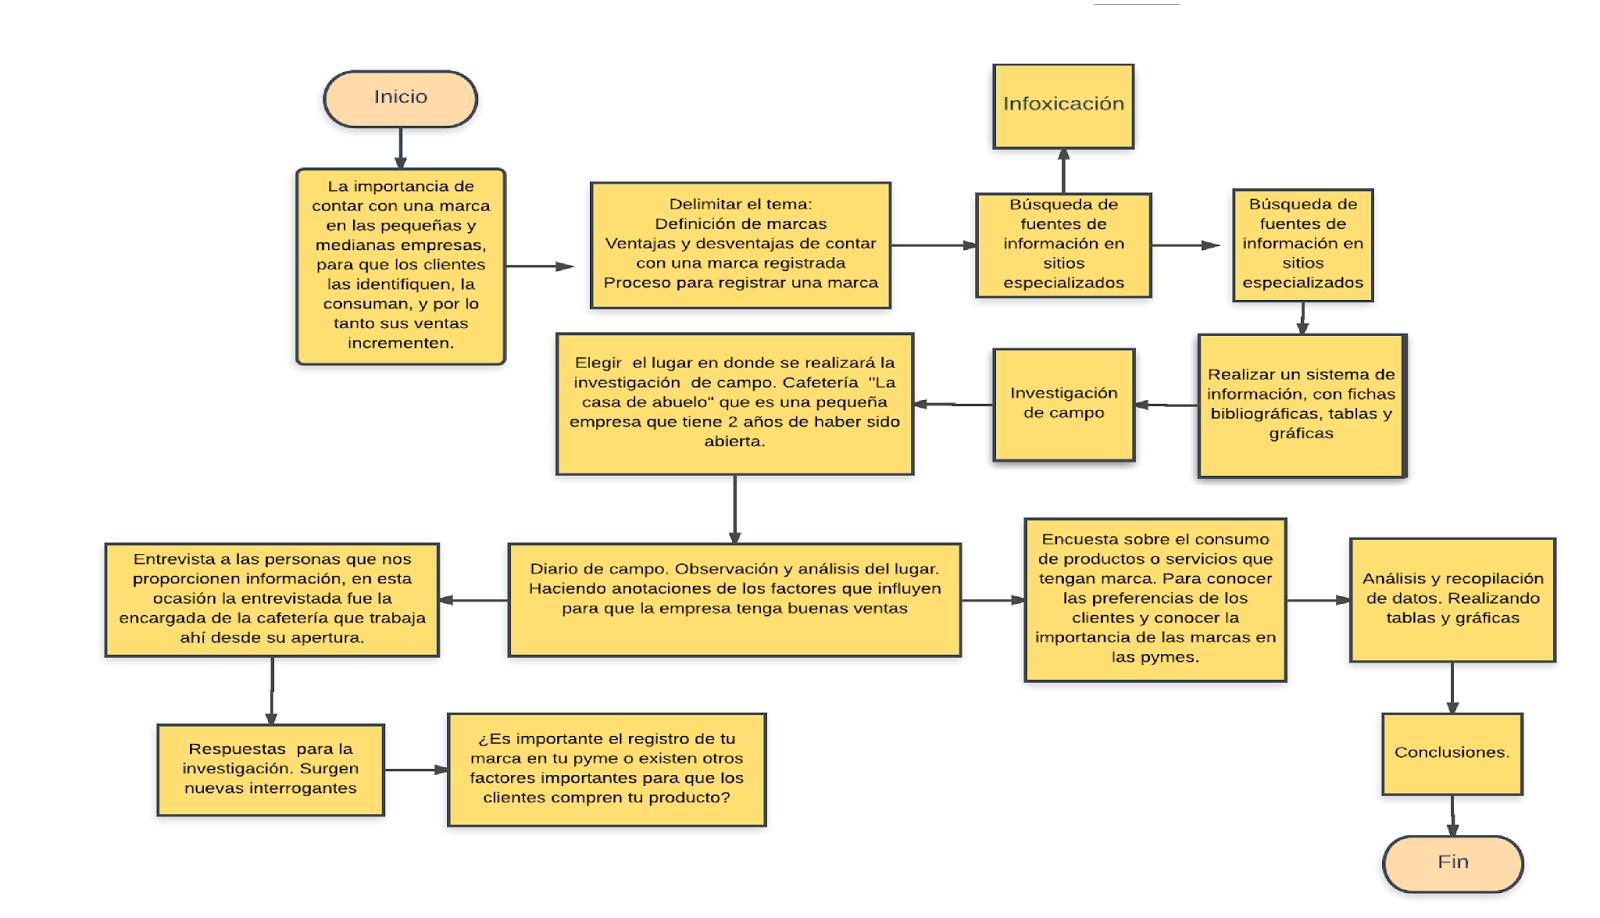 Brenda hernndez cano unidad 3 sesin 7 diagrama de flujo de gestin y administracin de pymes y conocer la importancia de una marca sus ventajas y desventajas as como el proceso de registro de una marca ccuart Images